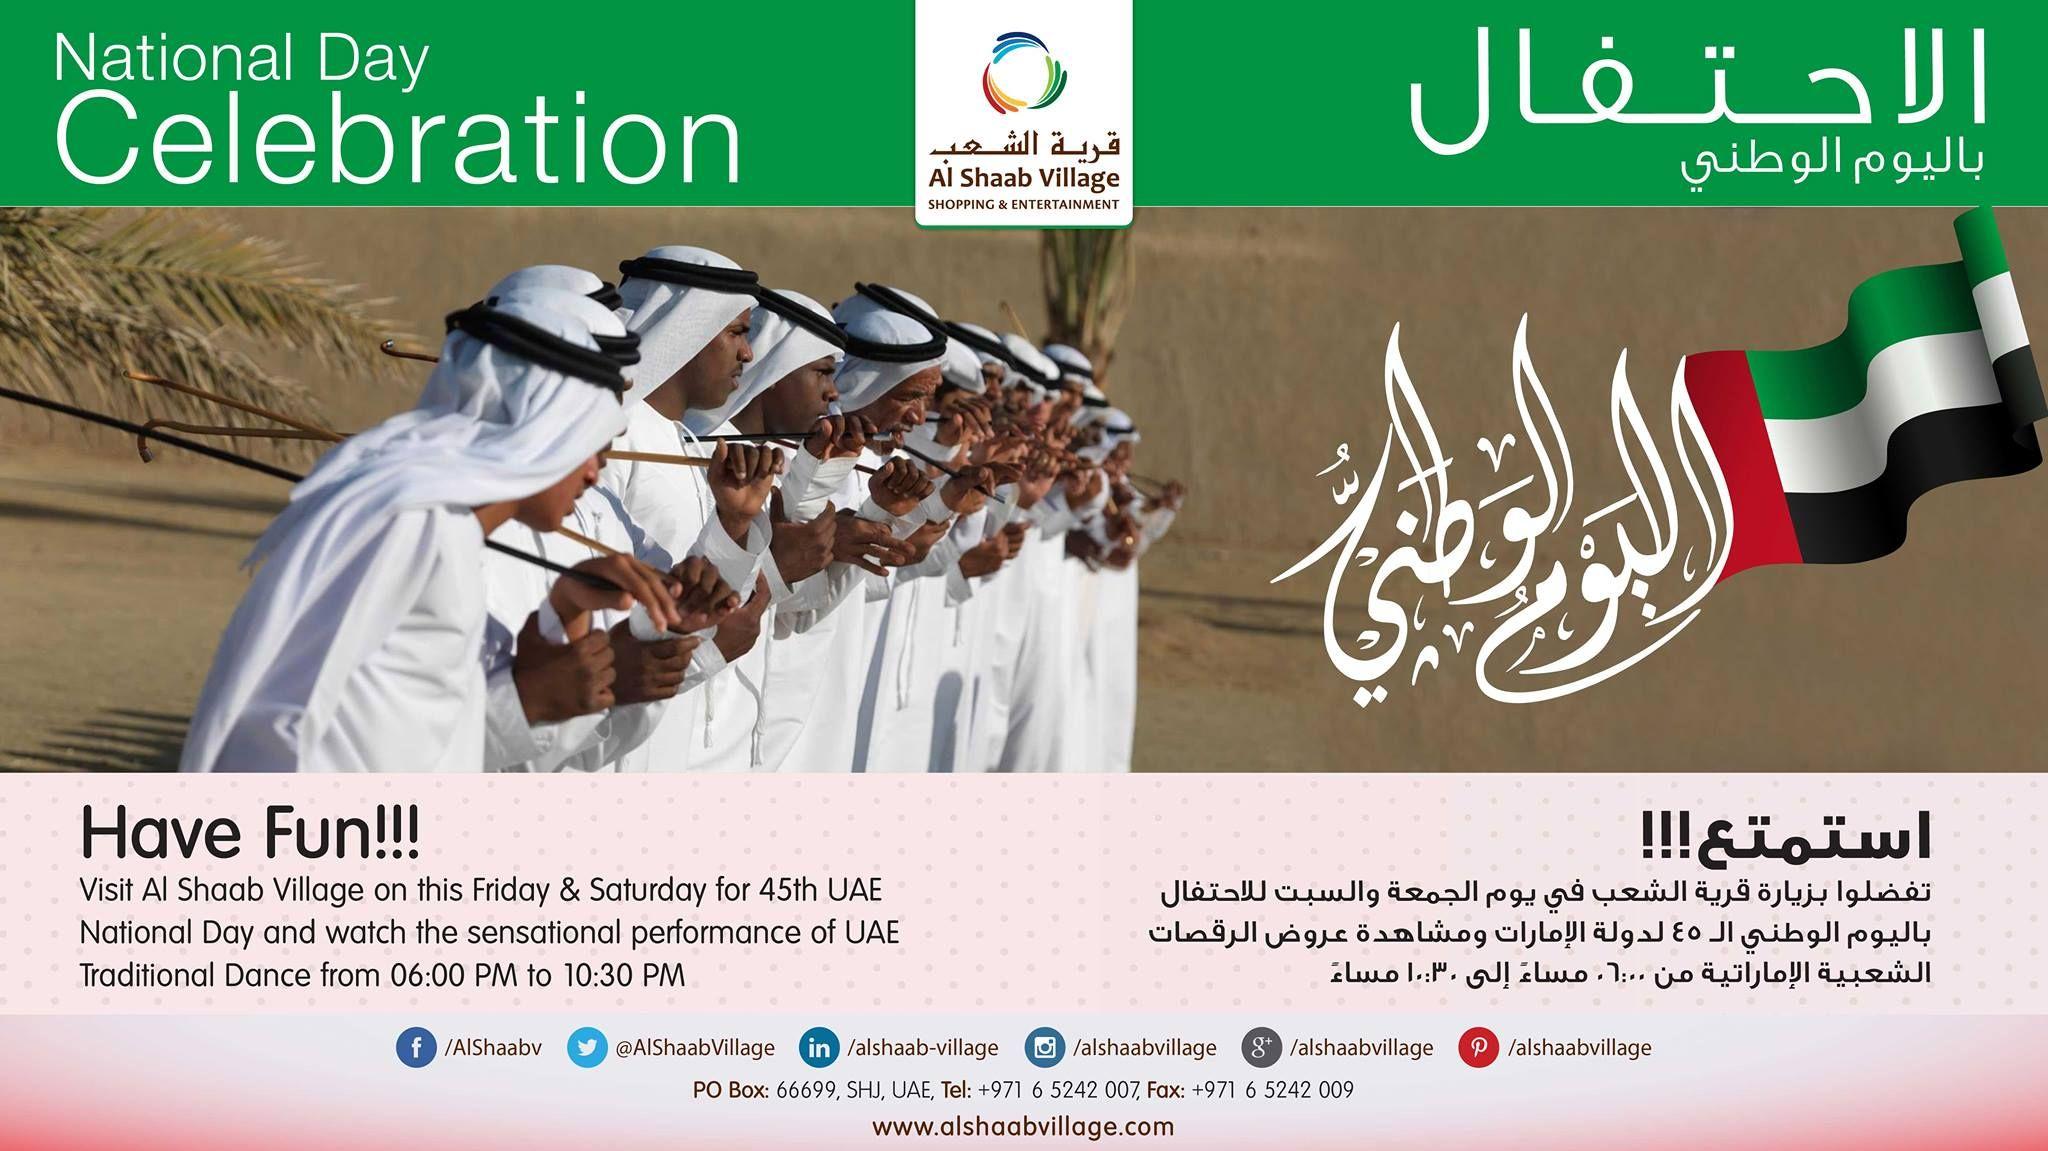 نبارك لكم اليوم الوطني الـ 45 لدولة الإمارات ونتمنى لك يومأ سعيدا تفضلوا بزيارة قرية الشعب للاحتفال بفعاليات اليوم الوطني لدينا تفضلوا Event Have Fun Fun